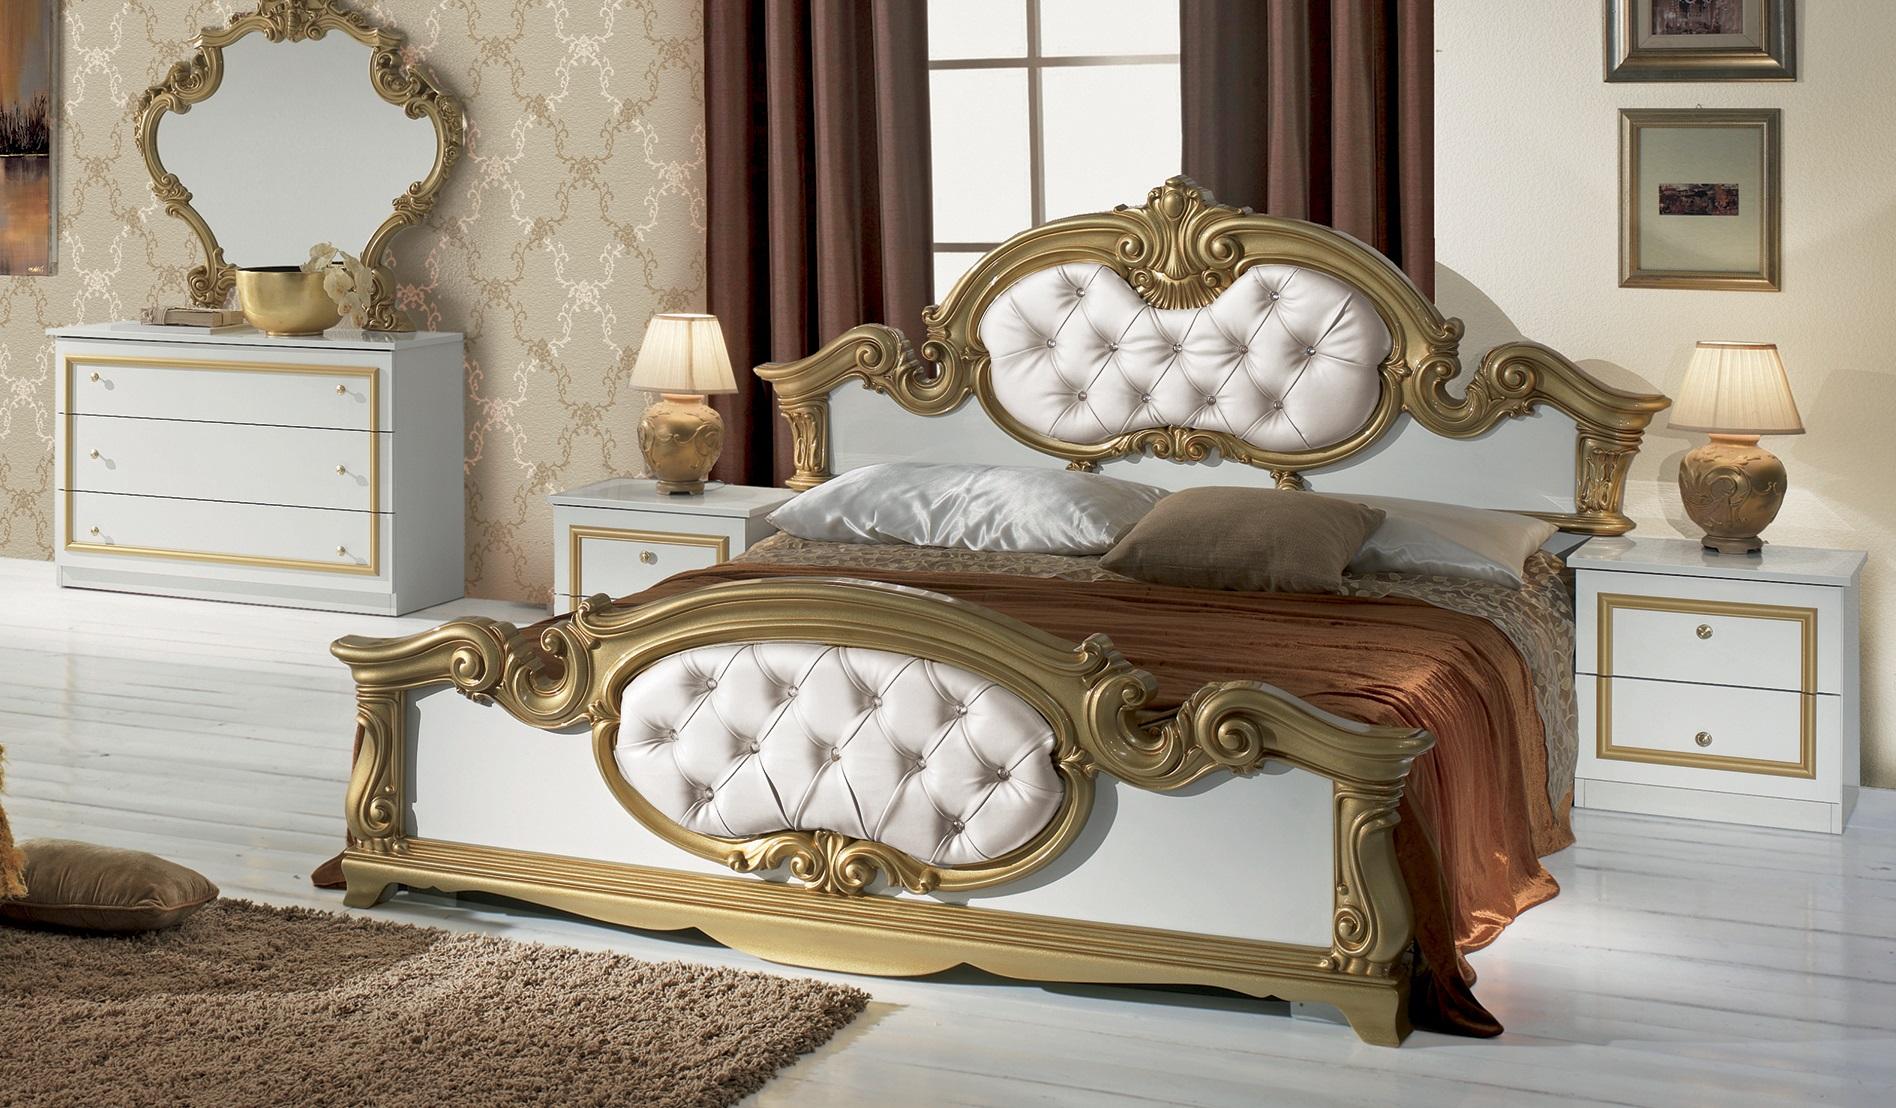 Full Size of Bett Barocco In Weiss Gold Barock Design 180x200 Cm Mit 140x200 Weiß Schlafzimmer Betten Günstig Möbel Boss Bettkasten Eiche 2m X Nolte Schubladen Großes Bett Bett Barock